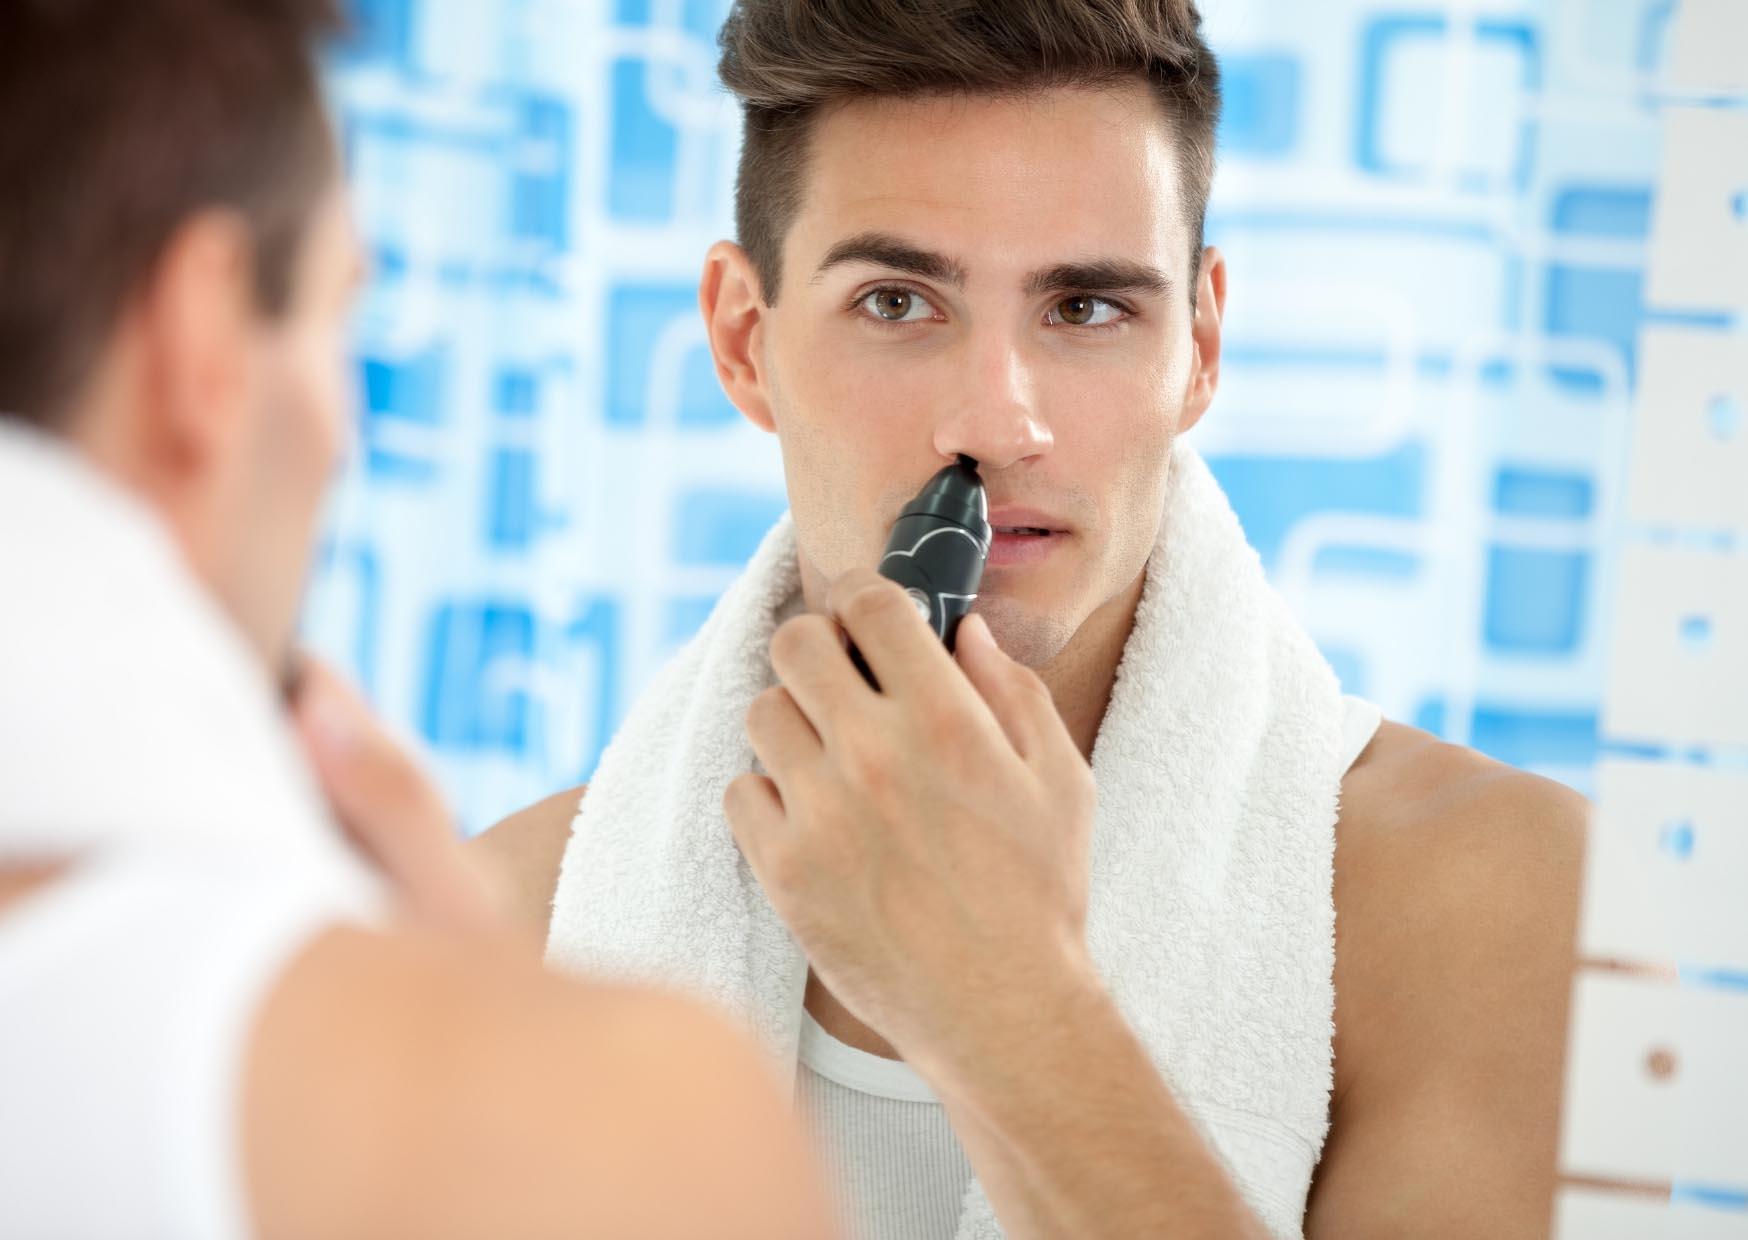 lỗi ngoại hình người đàn ông tỉa lông mũi